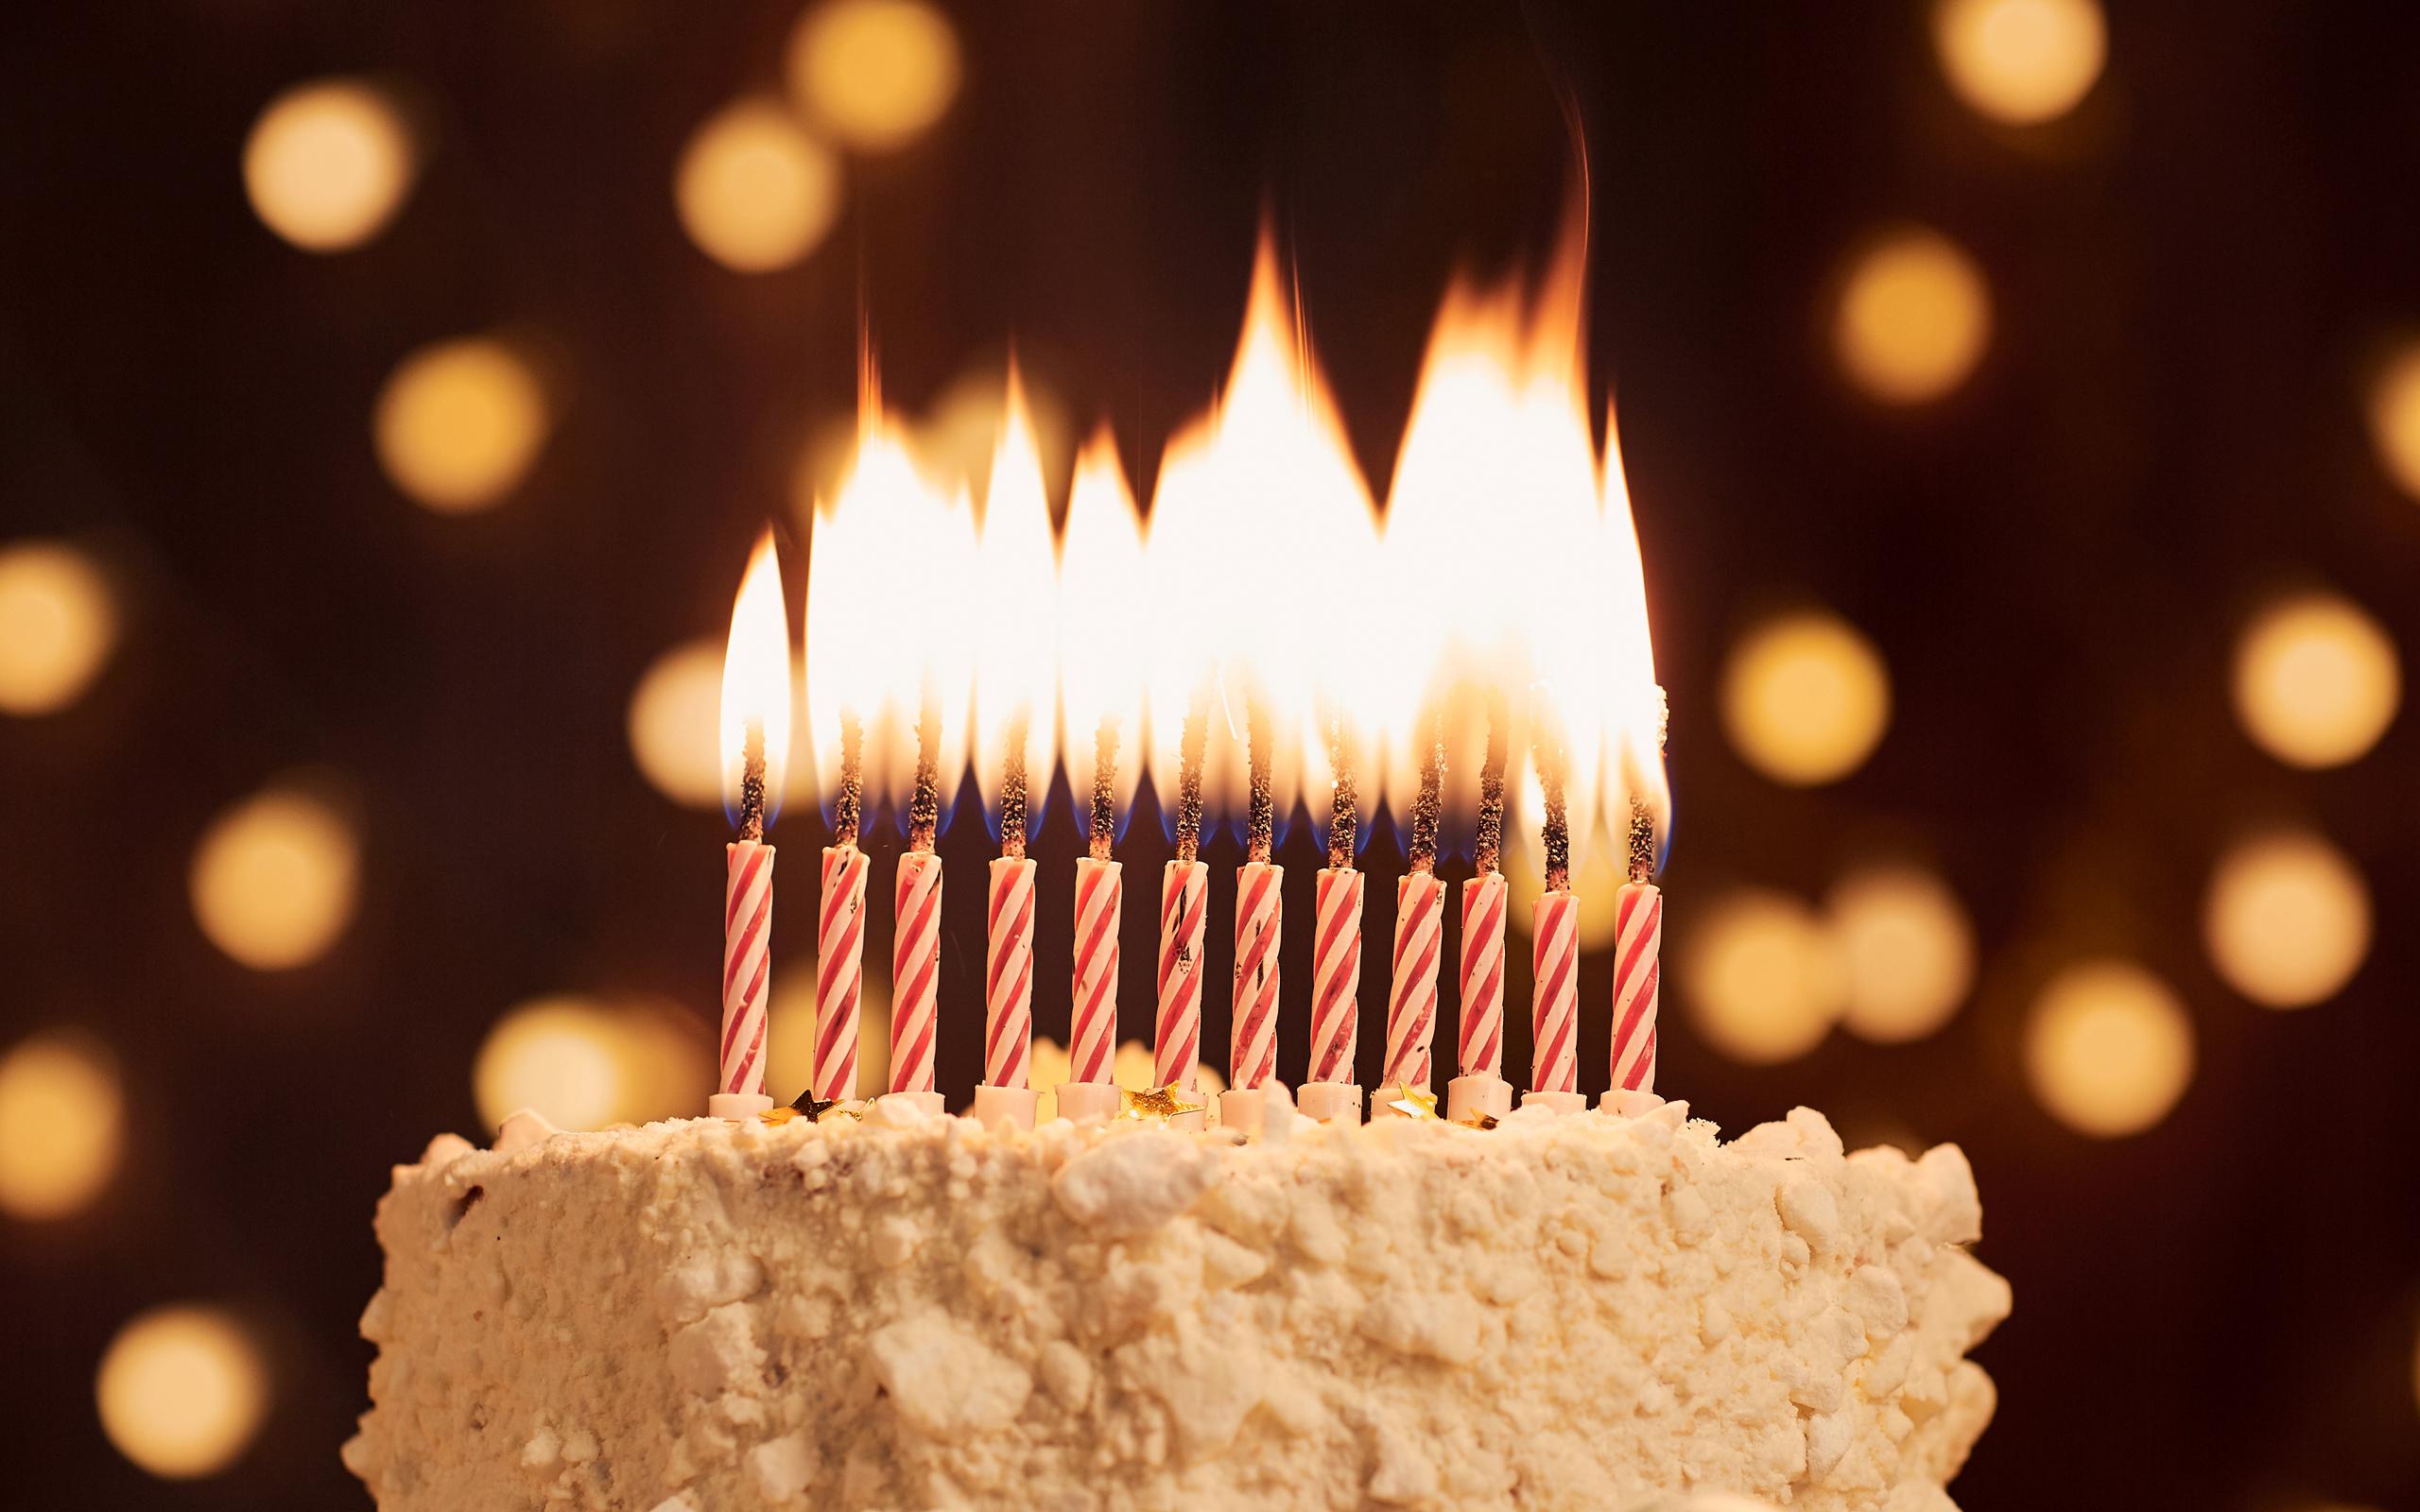 Поздравление днем, открытка торт свечи